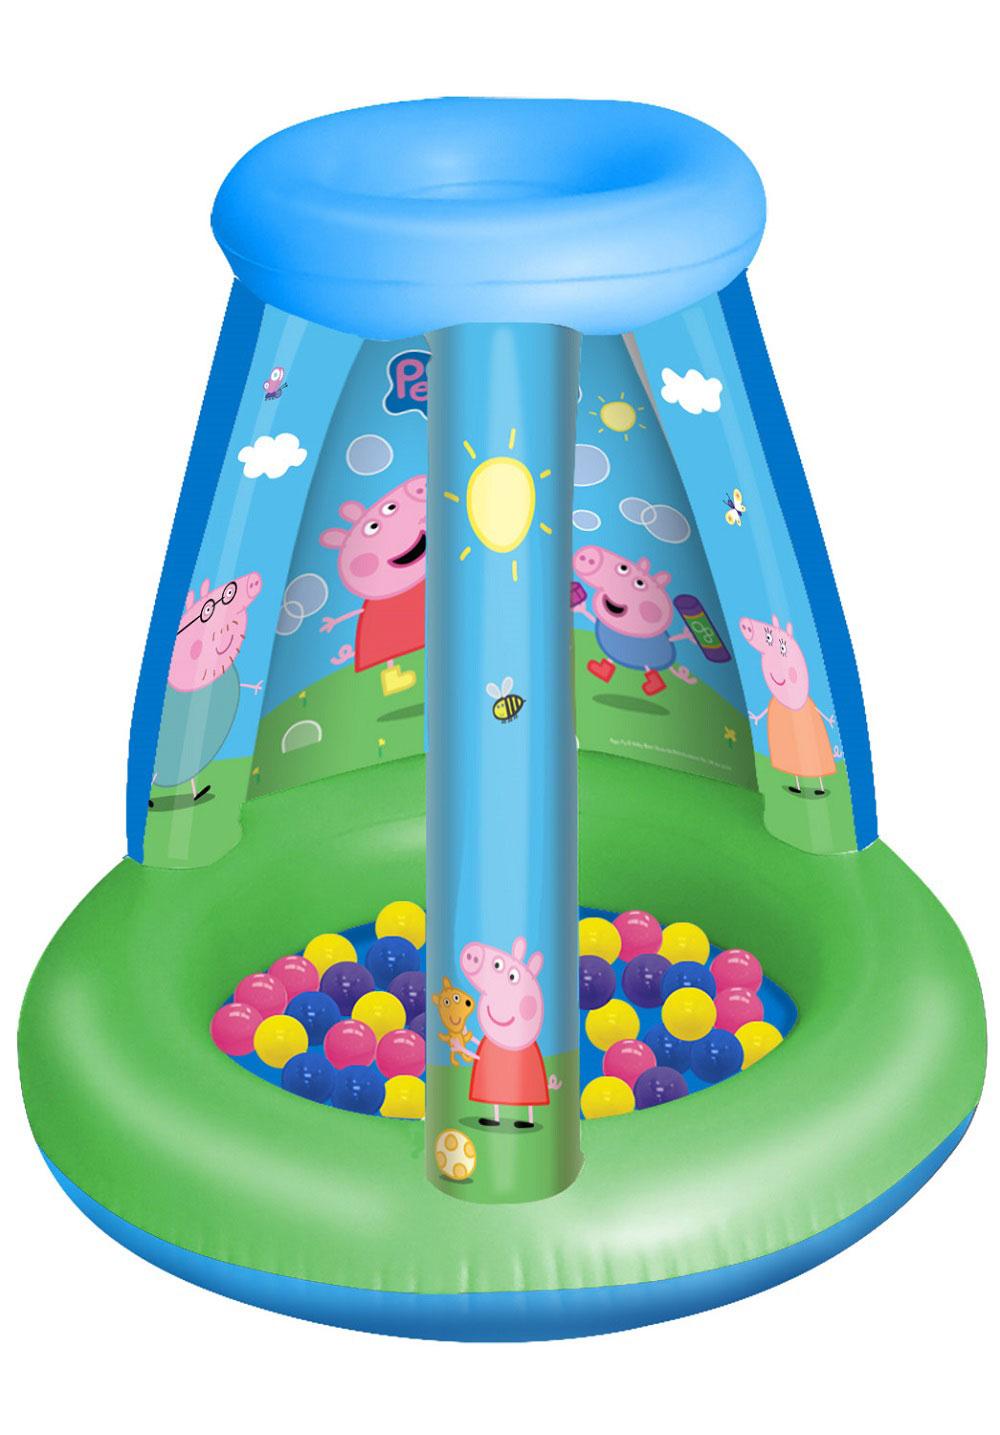 Buy Parc À Balles Peppa Pig Avec 15 Balles For Cad 39.99 | Toys R Us Canada avec Piscine A Balle Toysrus